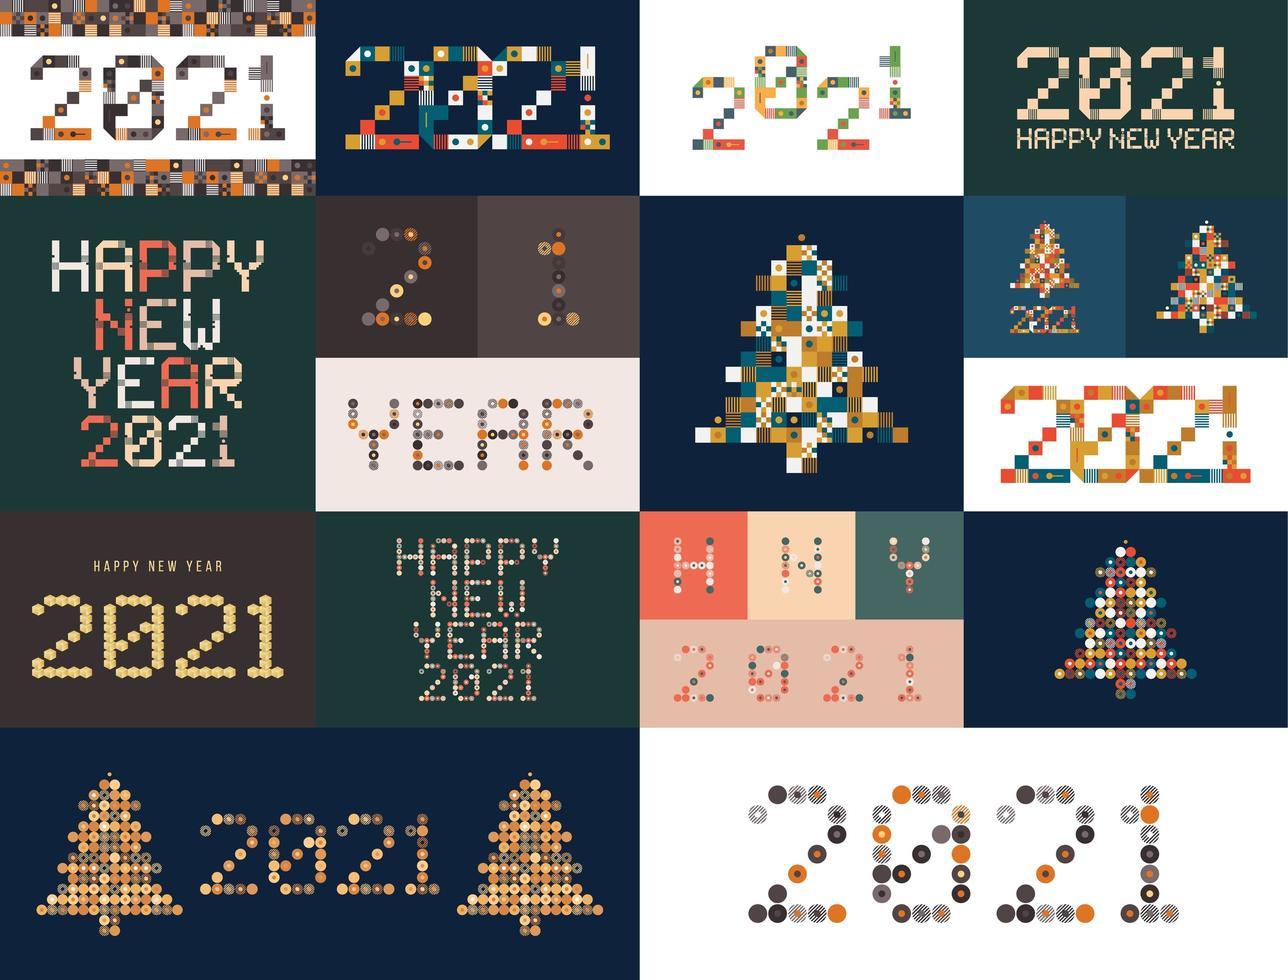 verschiedene ungewöhnliche Zeichen des neuen Jahres gesetzt für Ereignisdekoration 2021, niedliche Grafik, kreatives Emblemkonzept für Banner, Broschüre, Flyer, Kalender, Grußkarte, Ereigniseinladung. isoliertes Vektorlogotyp. vektor